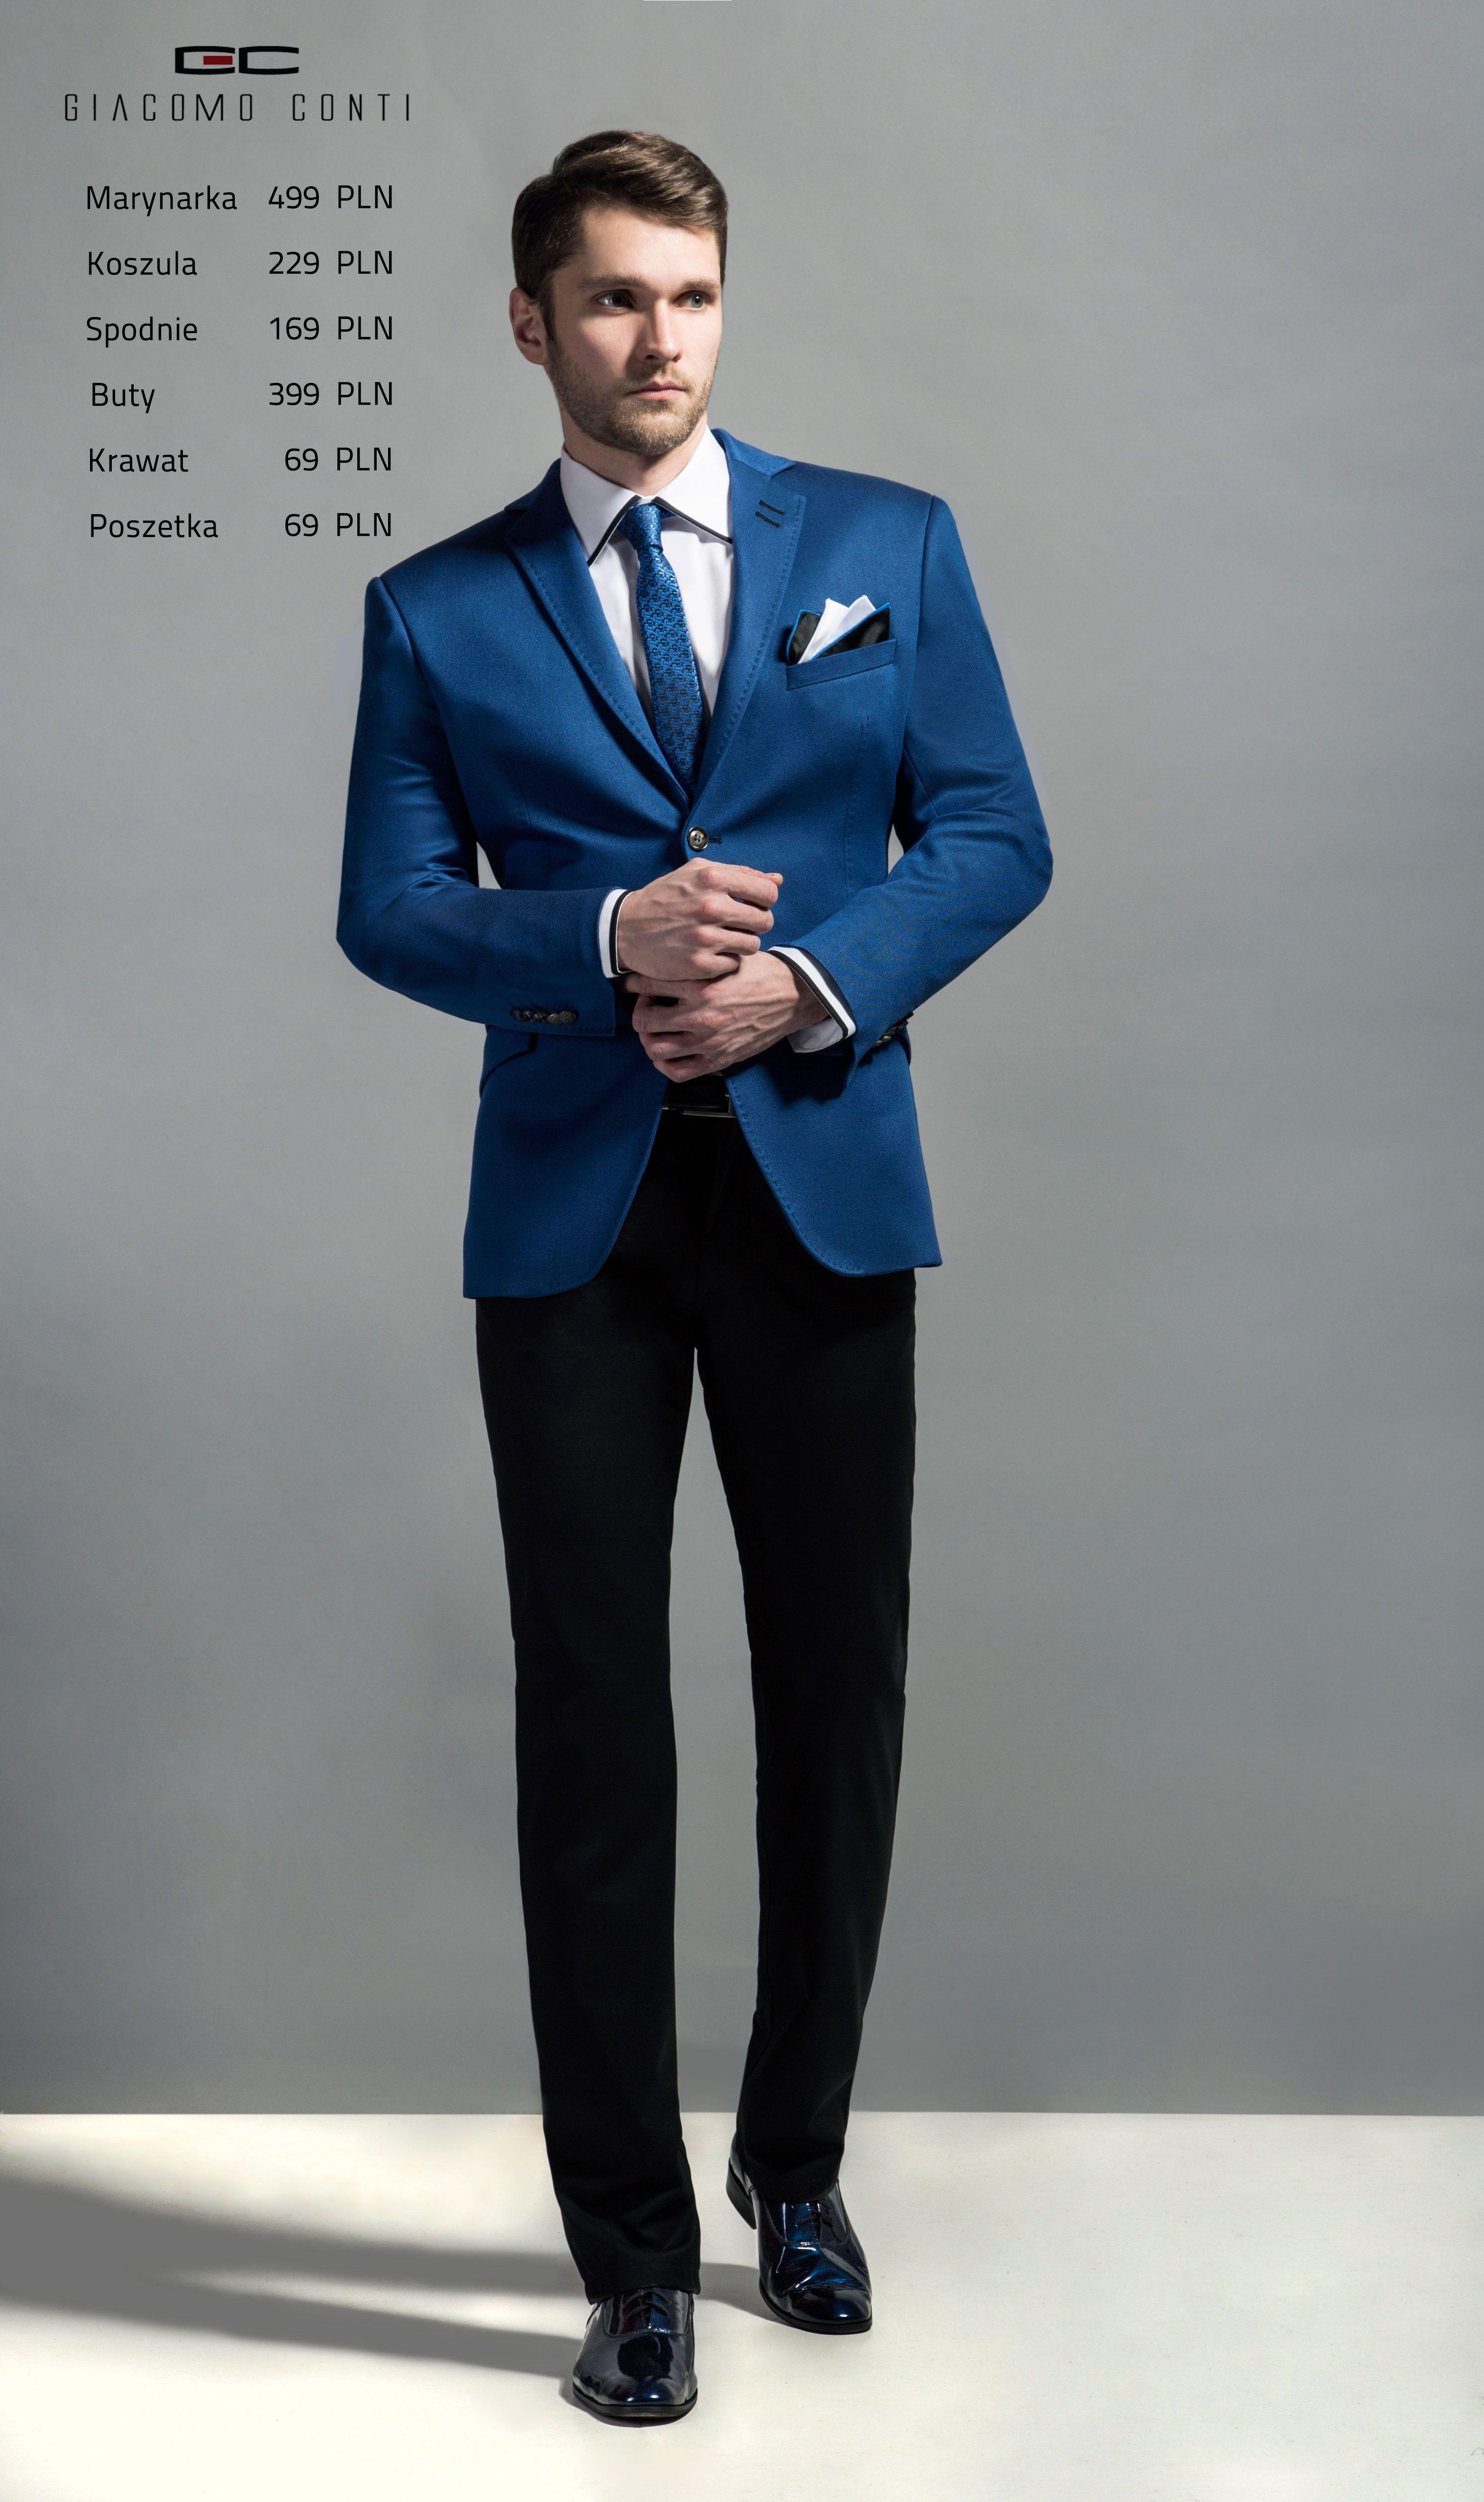 Stylizacja Giacomo Conti Marynarka Antonio 15 60 Wm Koszula Martino 14 09 07 Spodnie Augusto 01 S Buty 6900 Fashion Style Formal